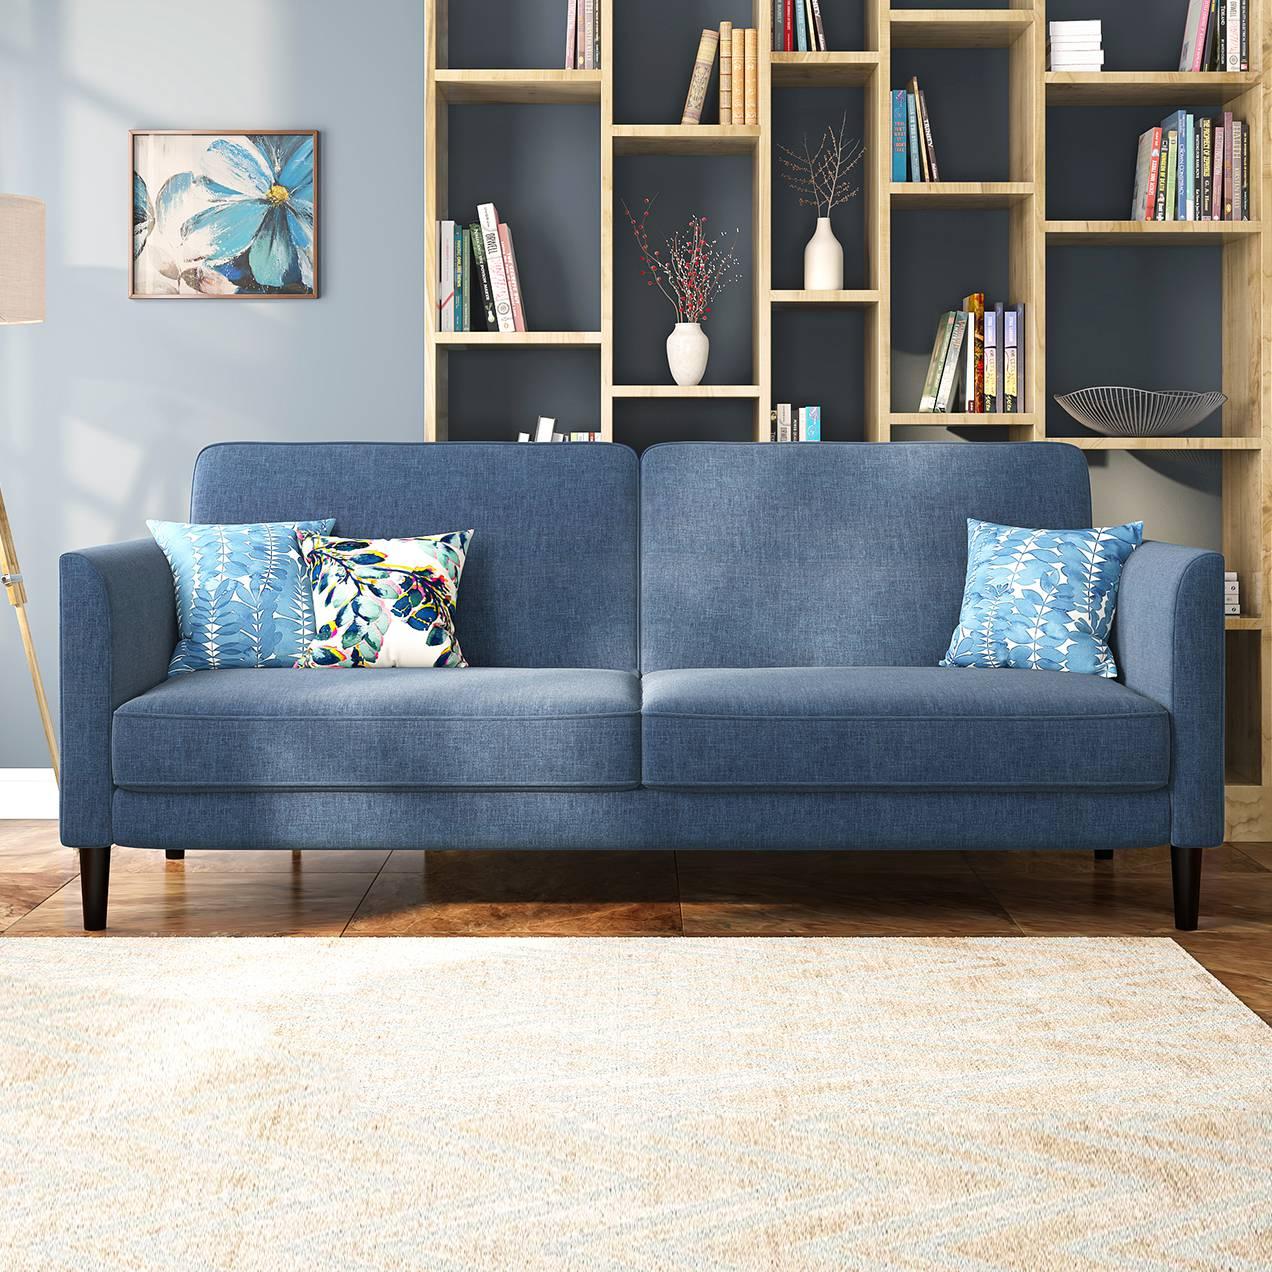 Living Room Furniture Buy Furniture For Living Room Online Urban Ladder